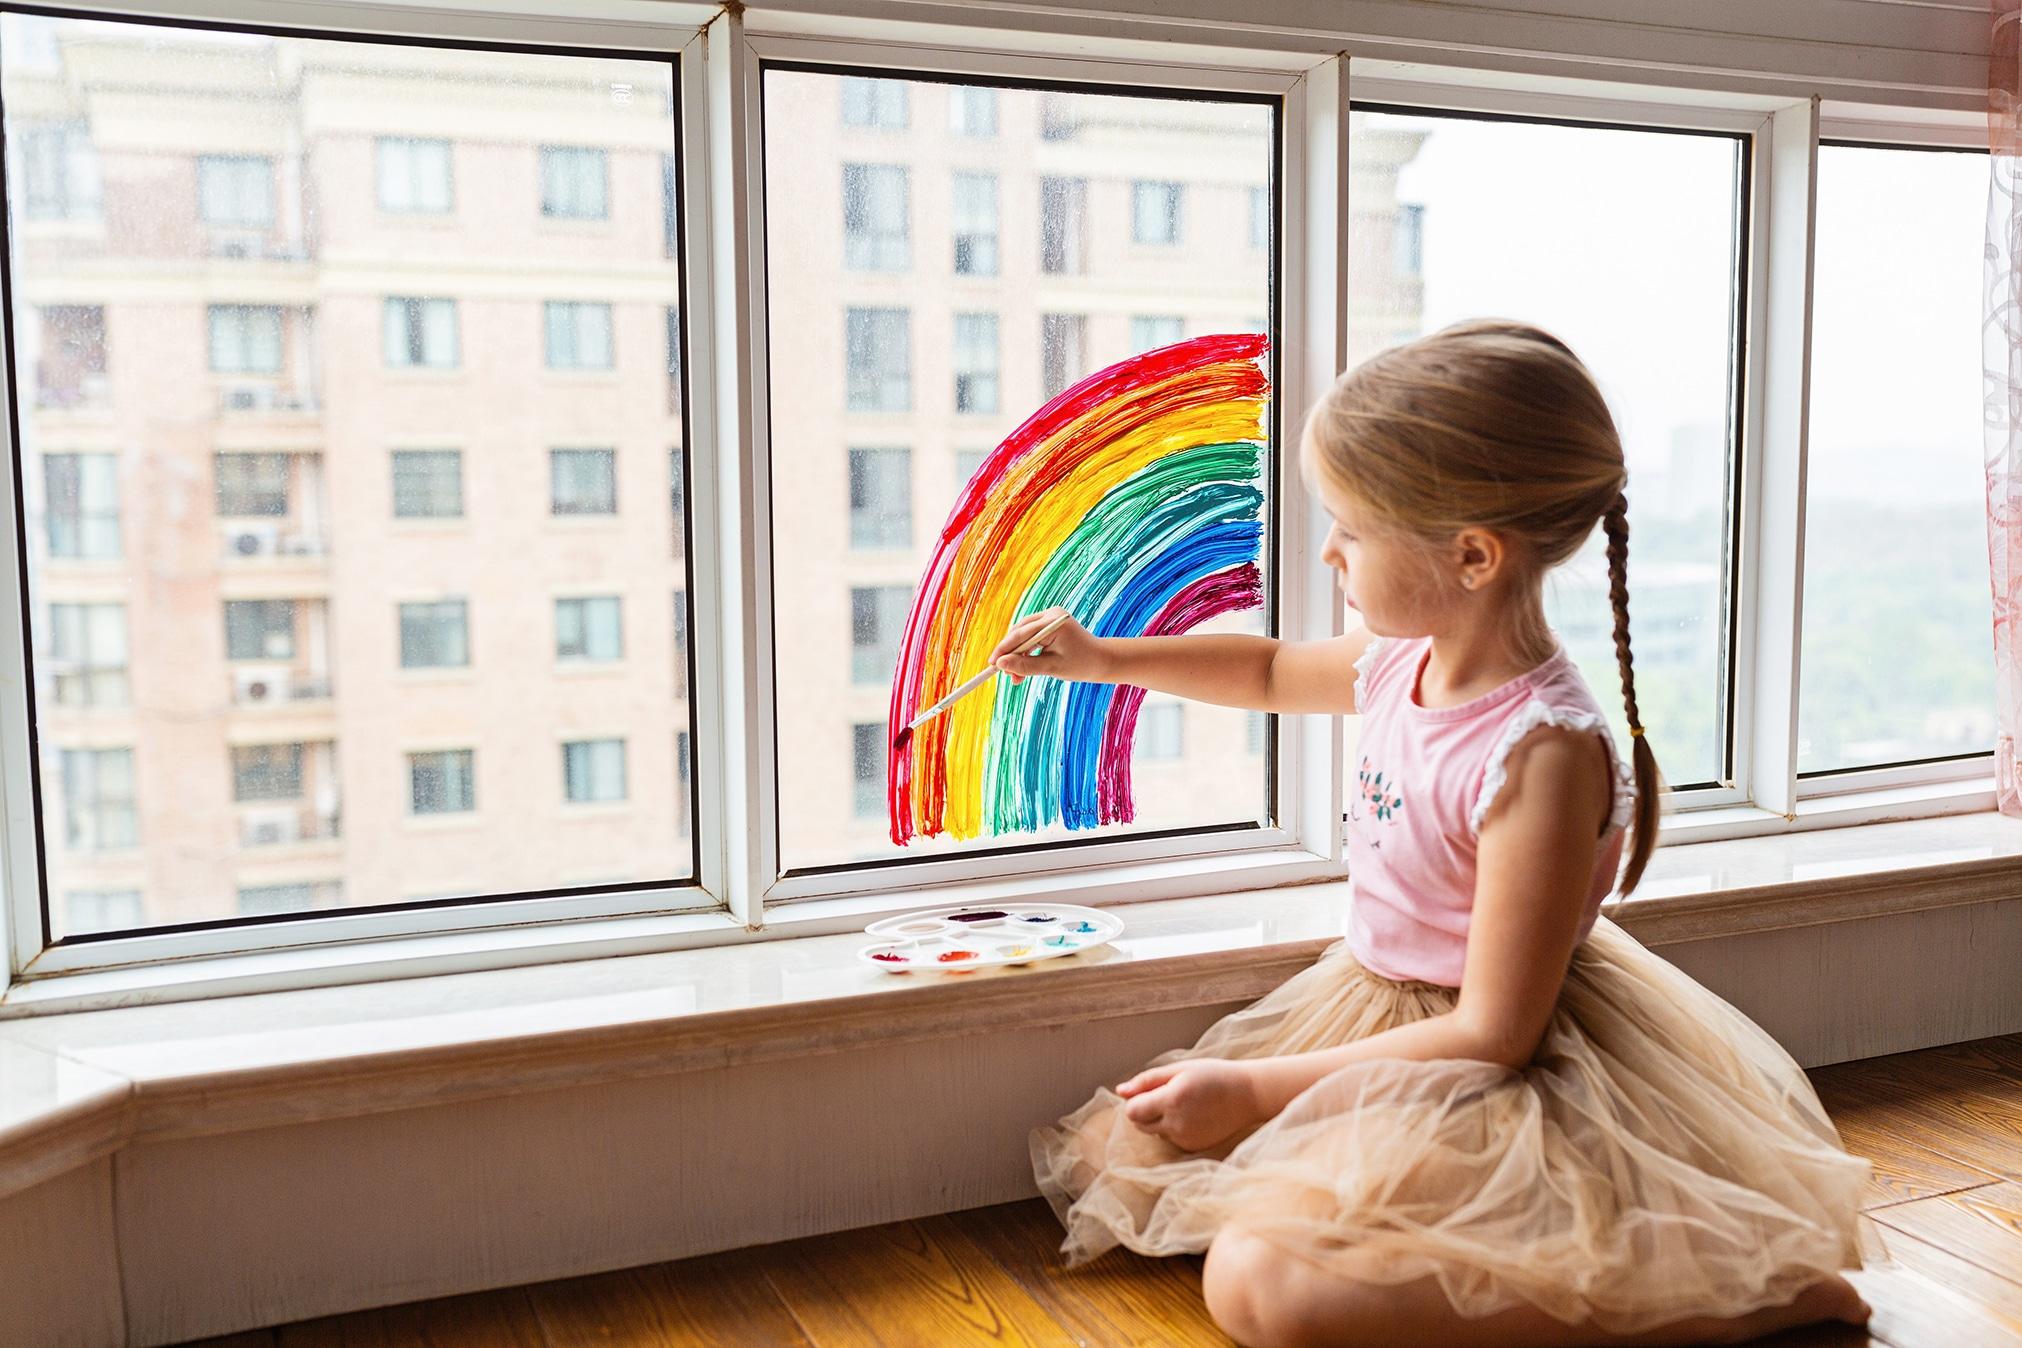 Girl With Rainbow Facepaint